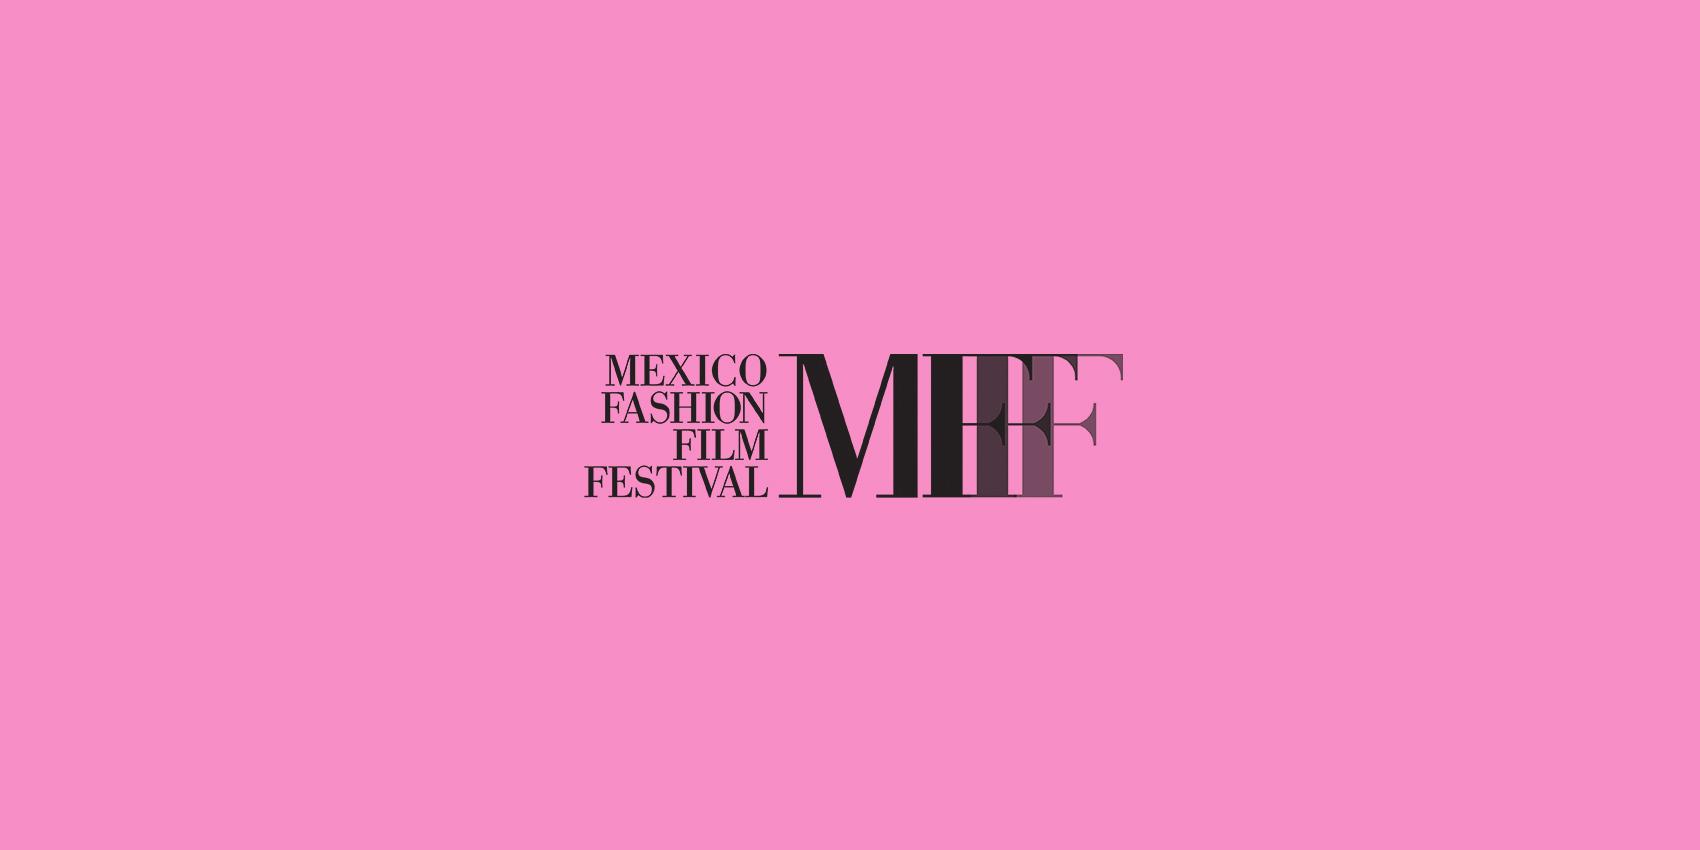 LLEGA LA III EDICIÓN DE MEXICO FASHION FILM FESTIVAL A LA CDMX